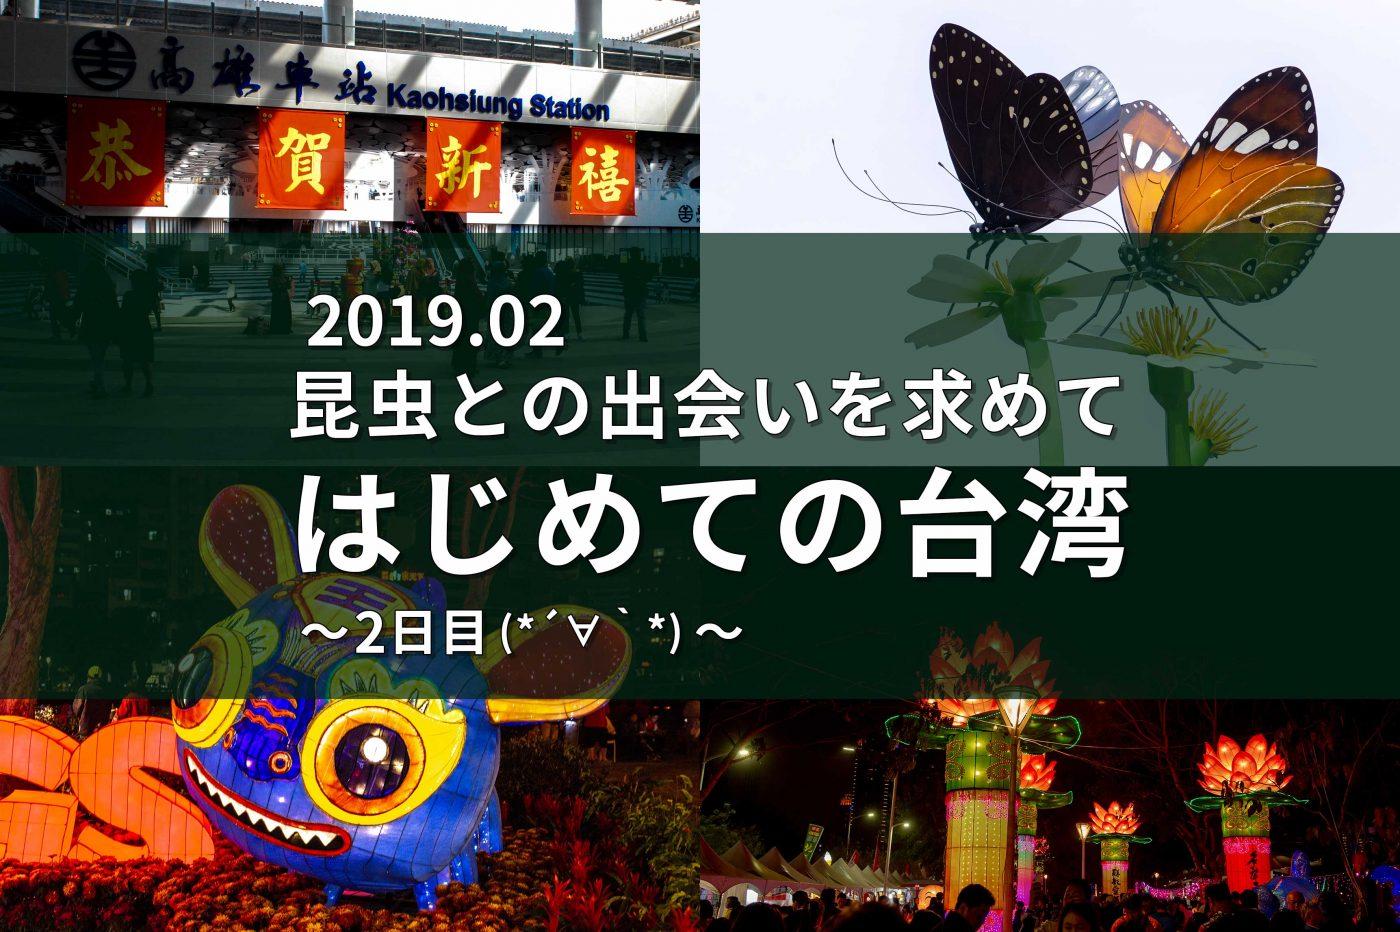 昆虫との出会いを求めて、はじめての台湾旅行(2日目)タイトル画像